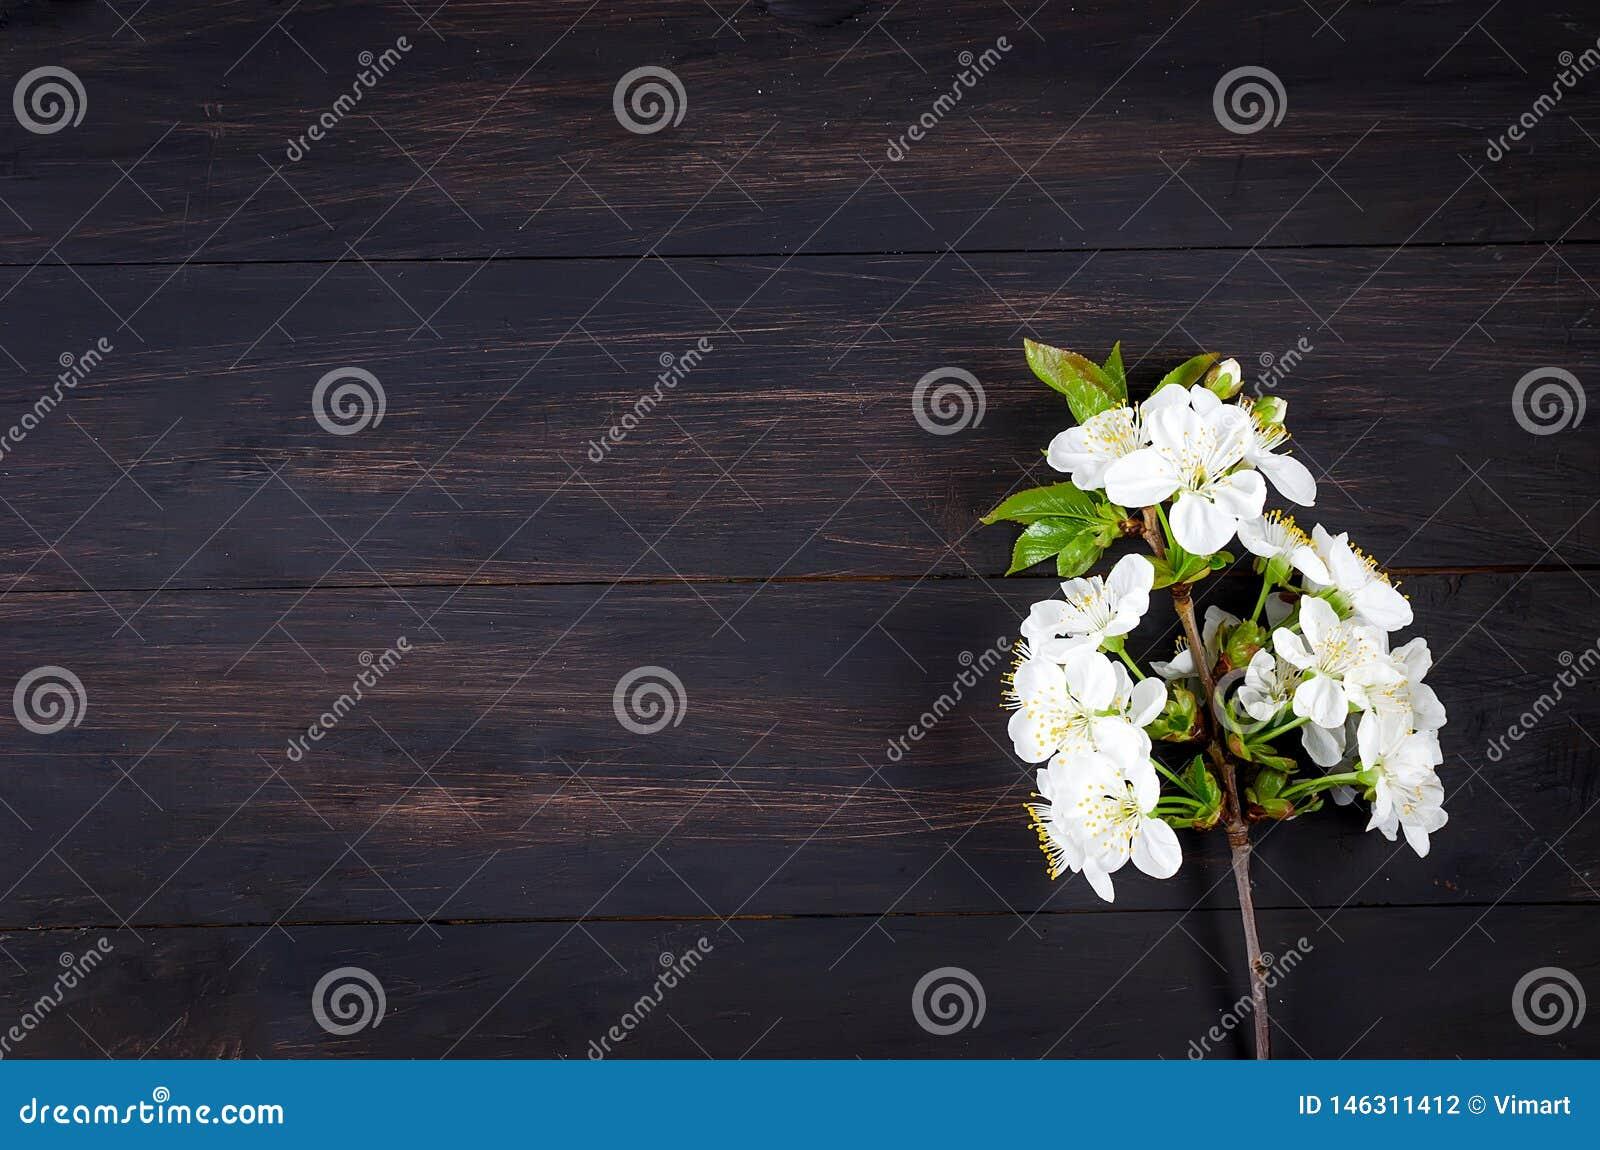 cherry flowers on dark wooden background